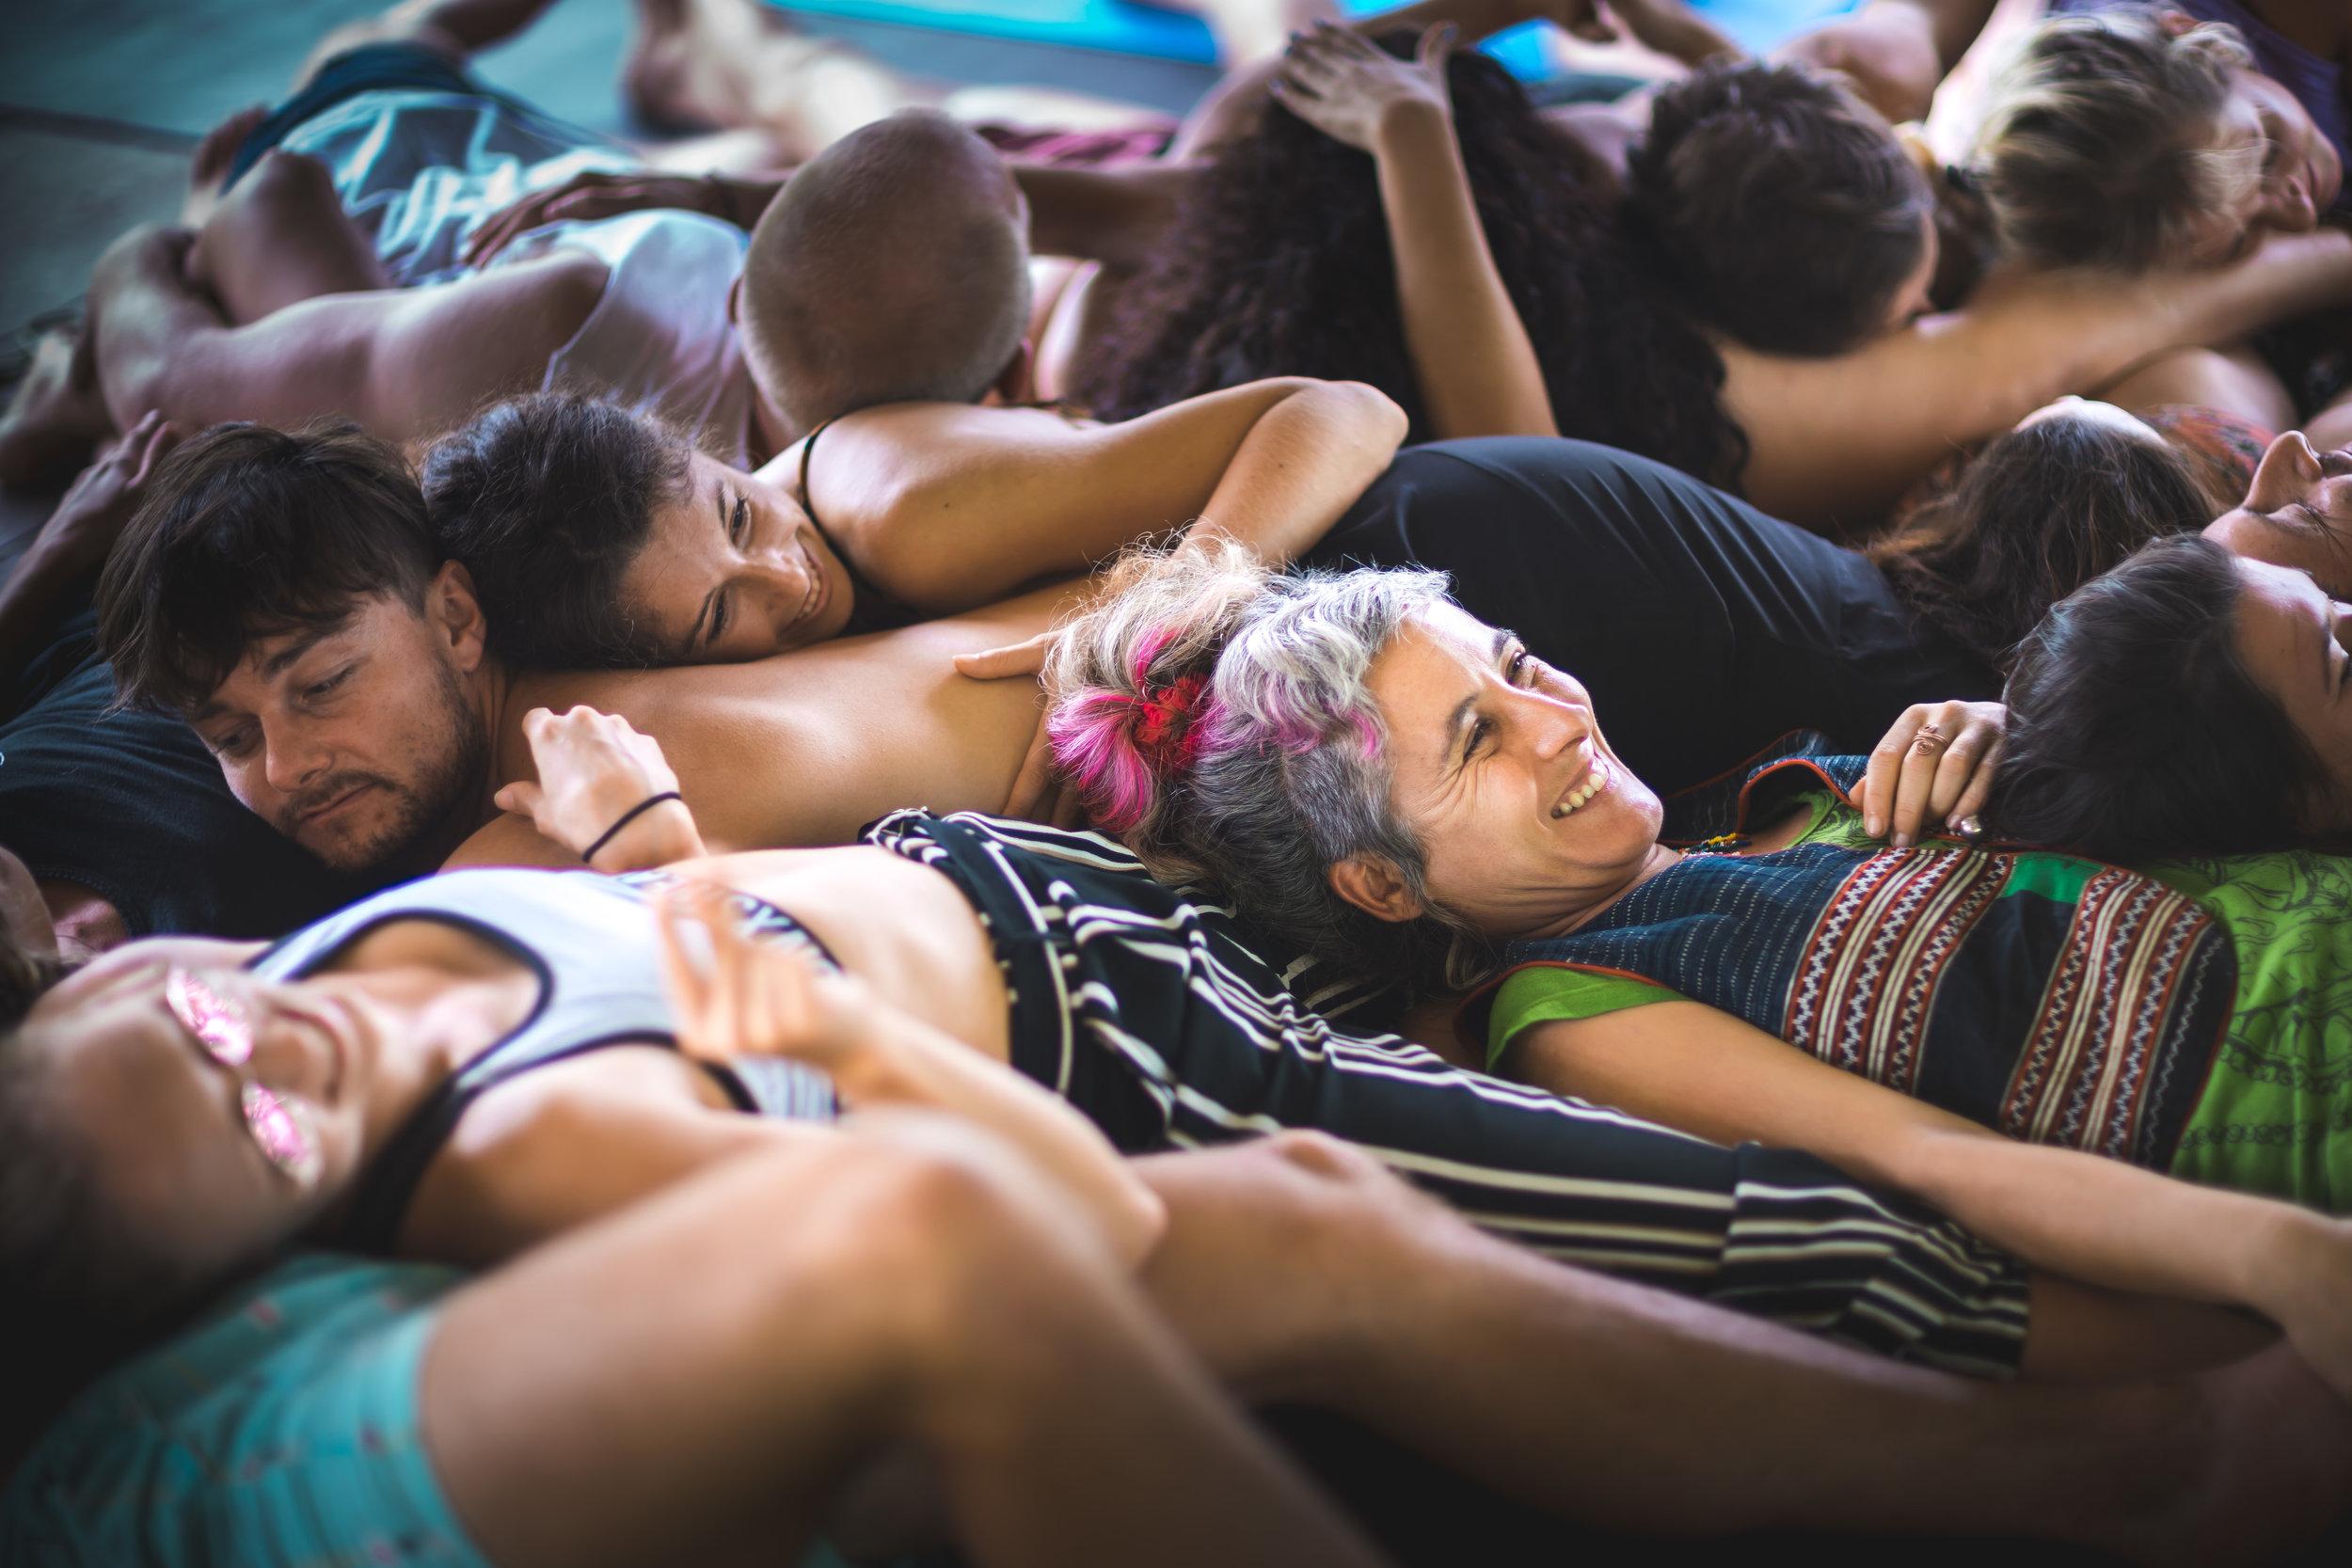 11 Agosto, Somos UNO - 6:30: TEMAZCAL7:00: Meditación7.30: Yoga Bailado con EvaSion9:00: Desayuno10:30: Círculo de Clausura13:30: Almuerzo15.30 : Cierre y salida de Solana18:00: Ceremonia opcional con Sui Pinon.